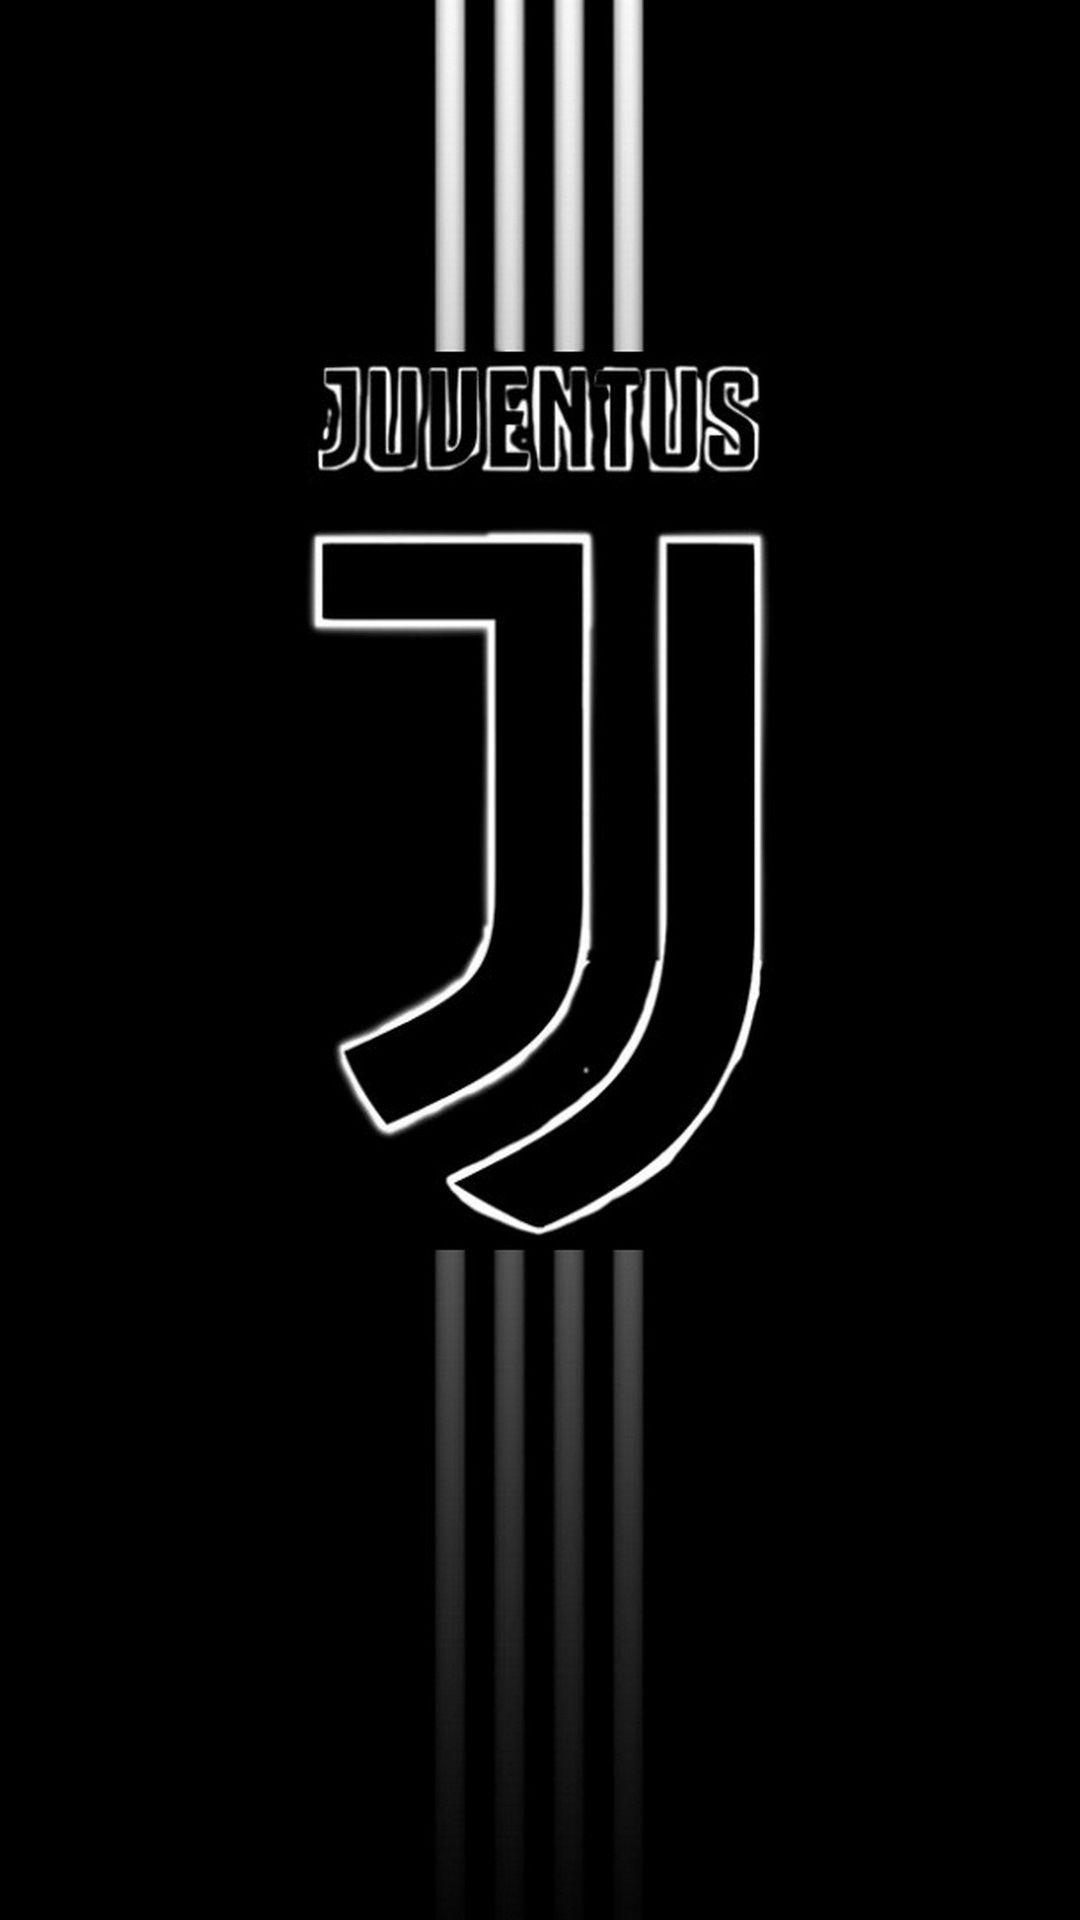 Juventus Iphone Wallpapers On Wallpaperdog